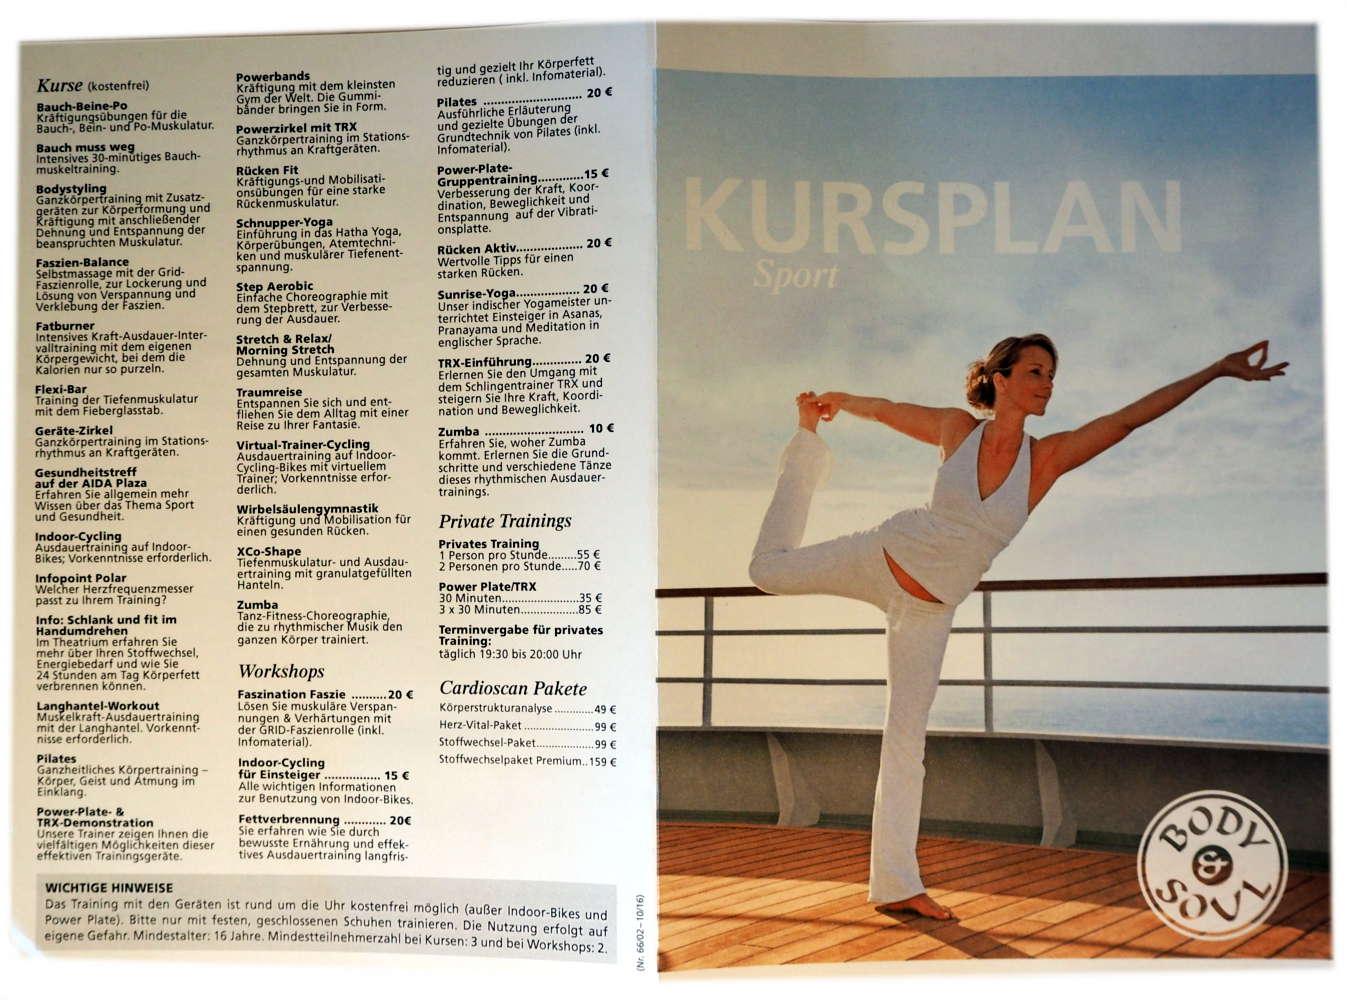 AIDAprima Body & Soul Sport Kursplan Kurse und Kosten